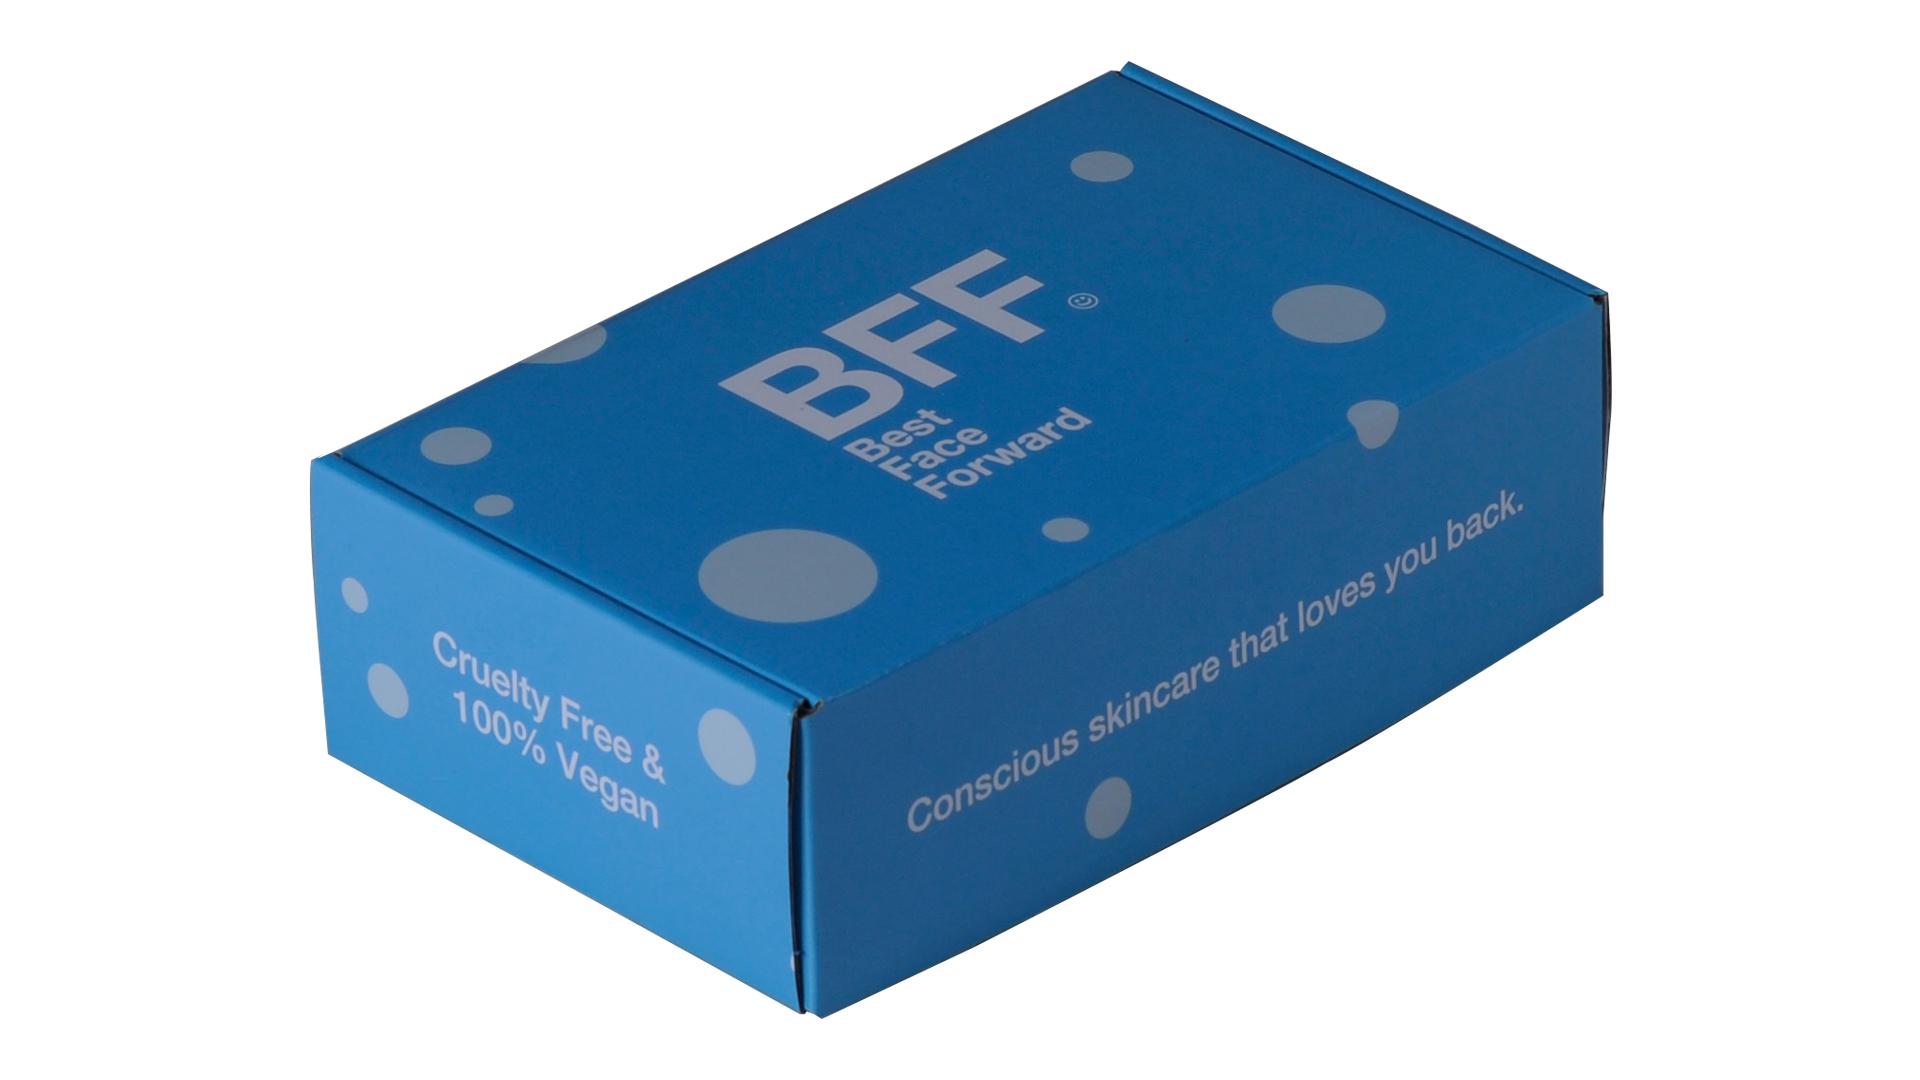 A7 Pas Cher Personnalisé boîtes postales En Carton Ondulé Pliant 4 Couleur Impression Logo Imprimé Vêtement Emballage Personnalisé boîte en carton ondulé